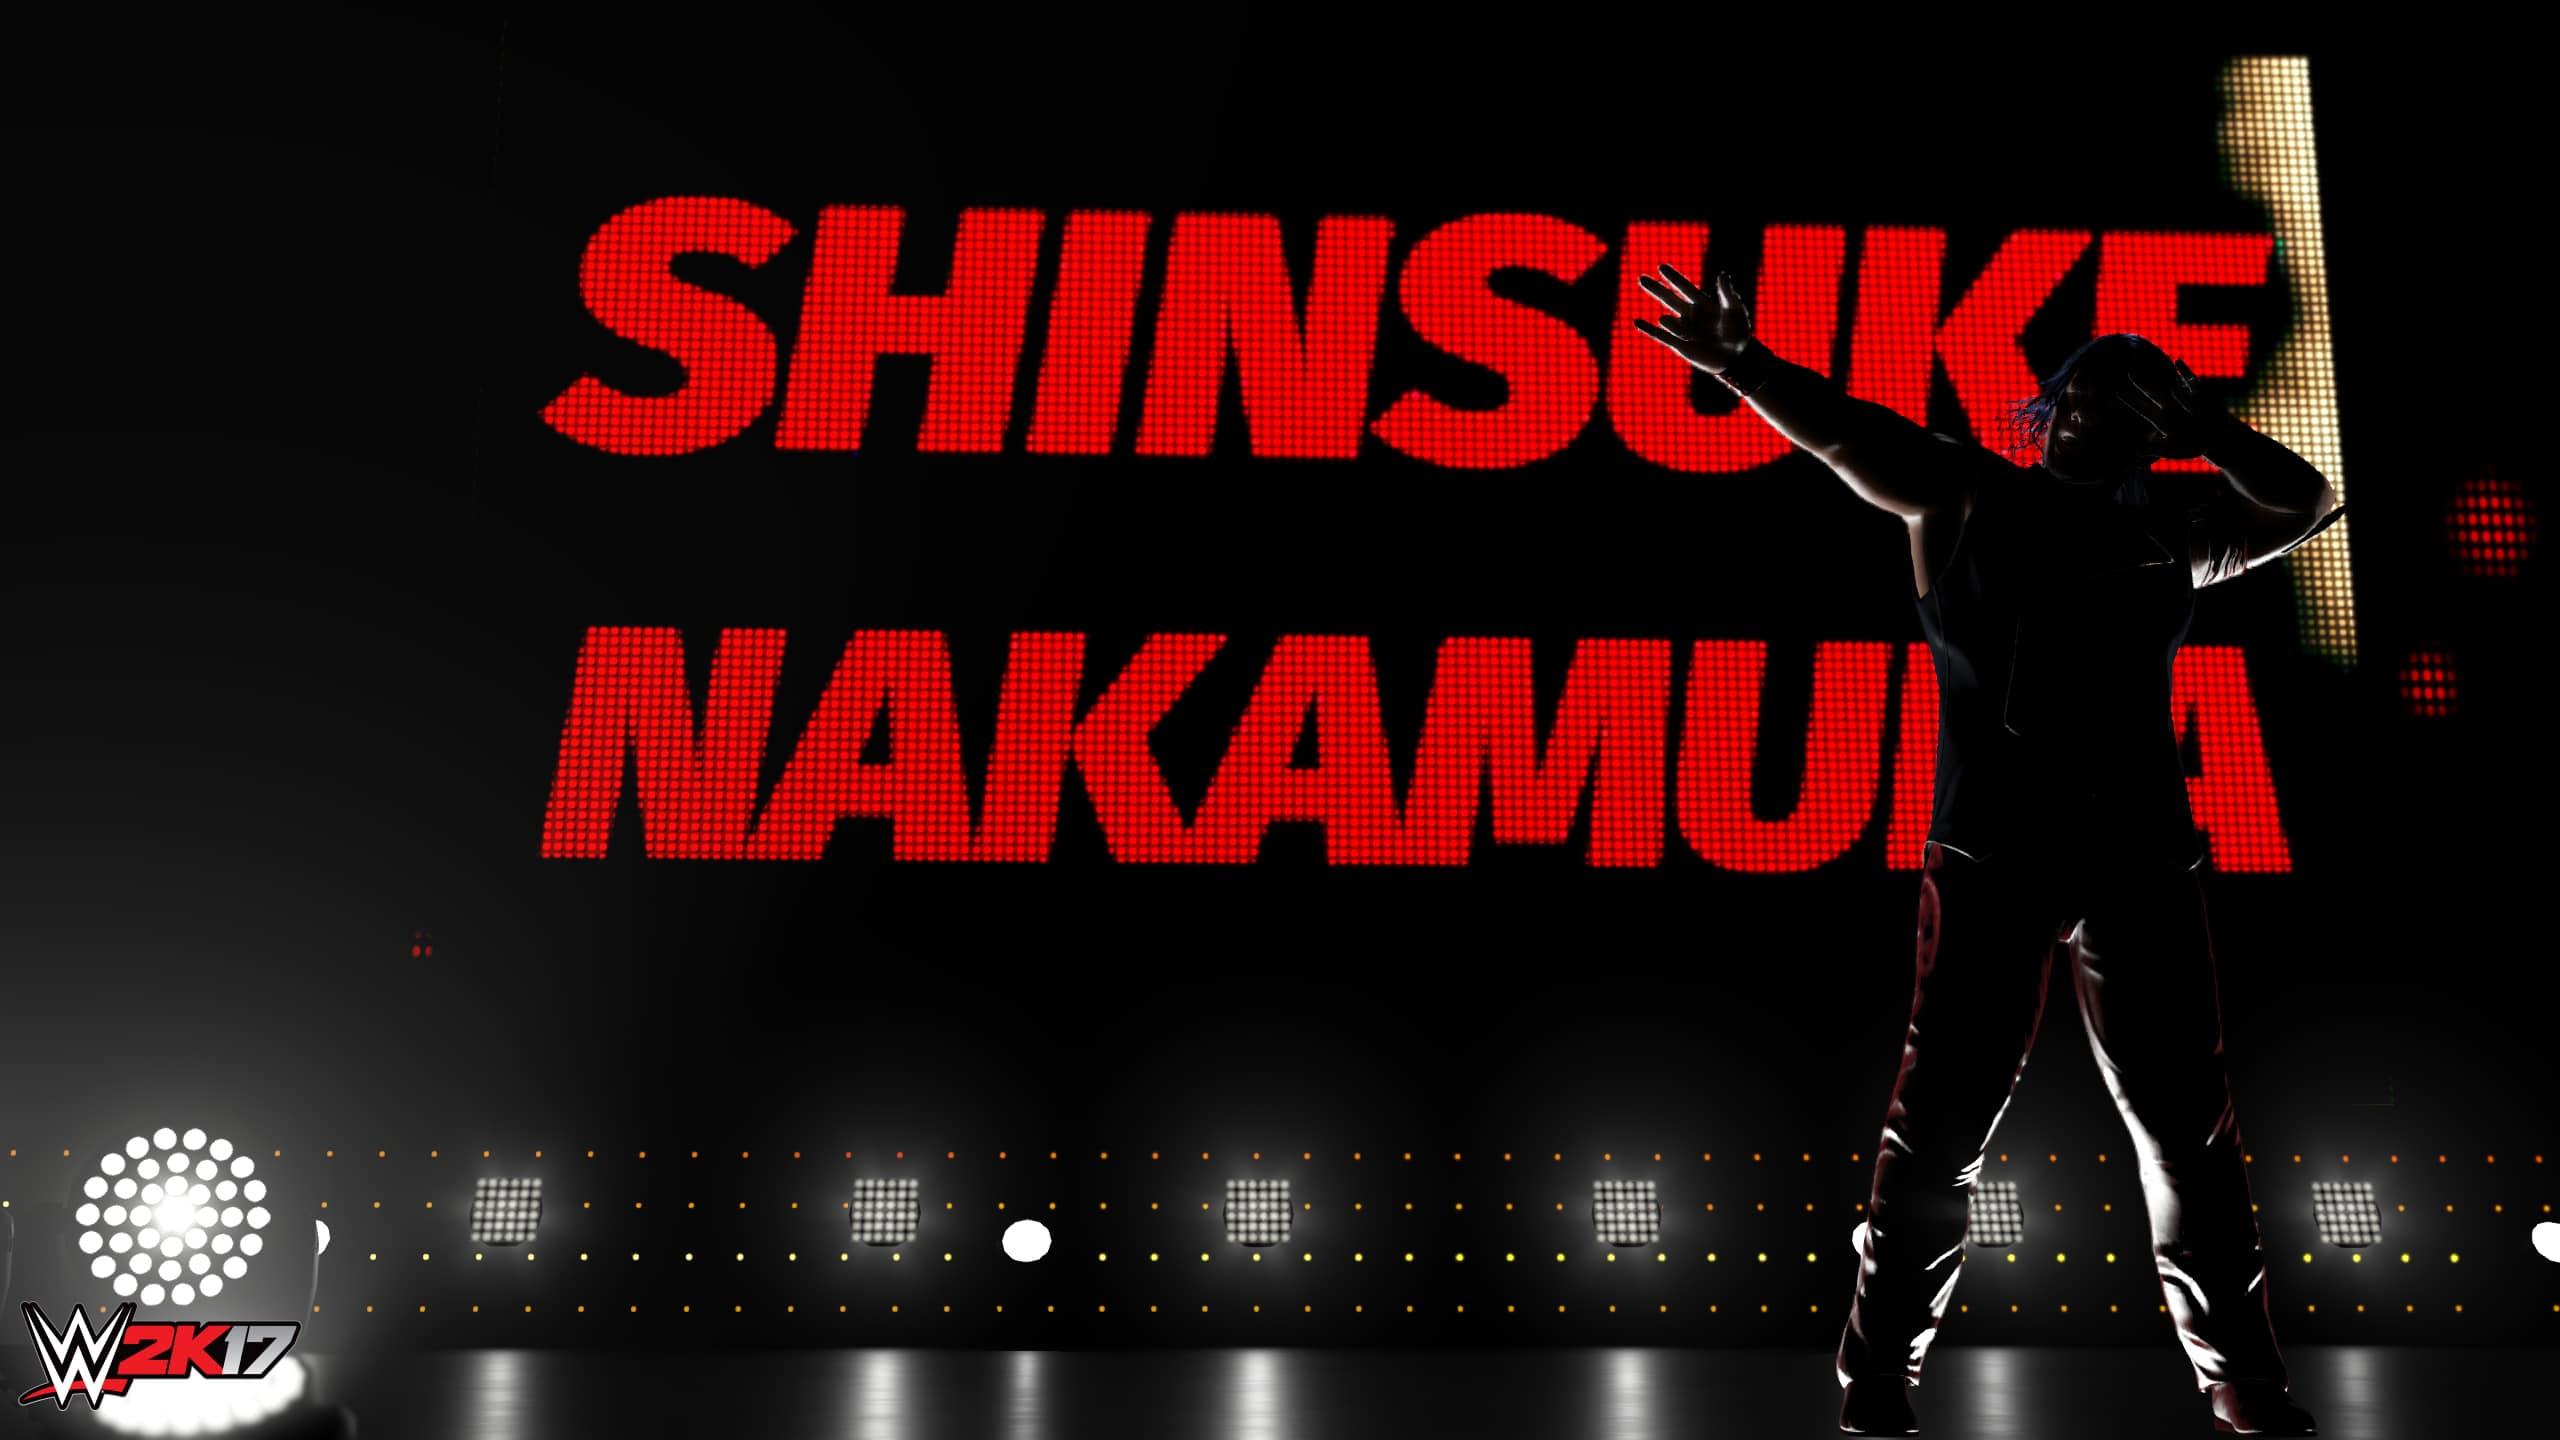 Shinsuke_Nakamura